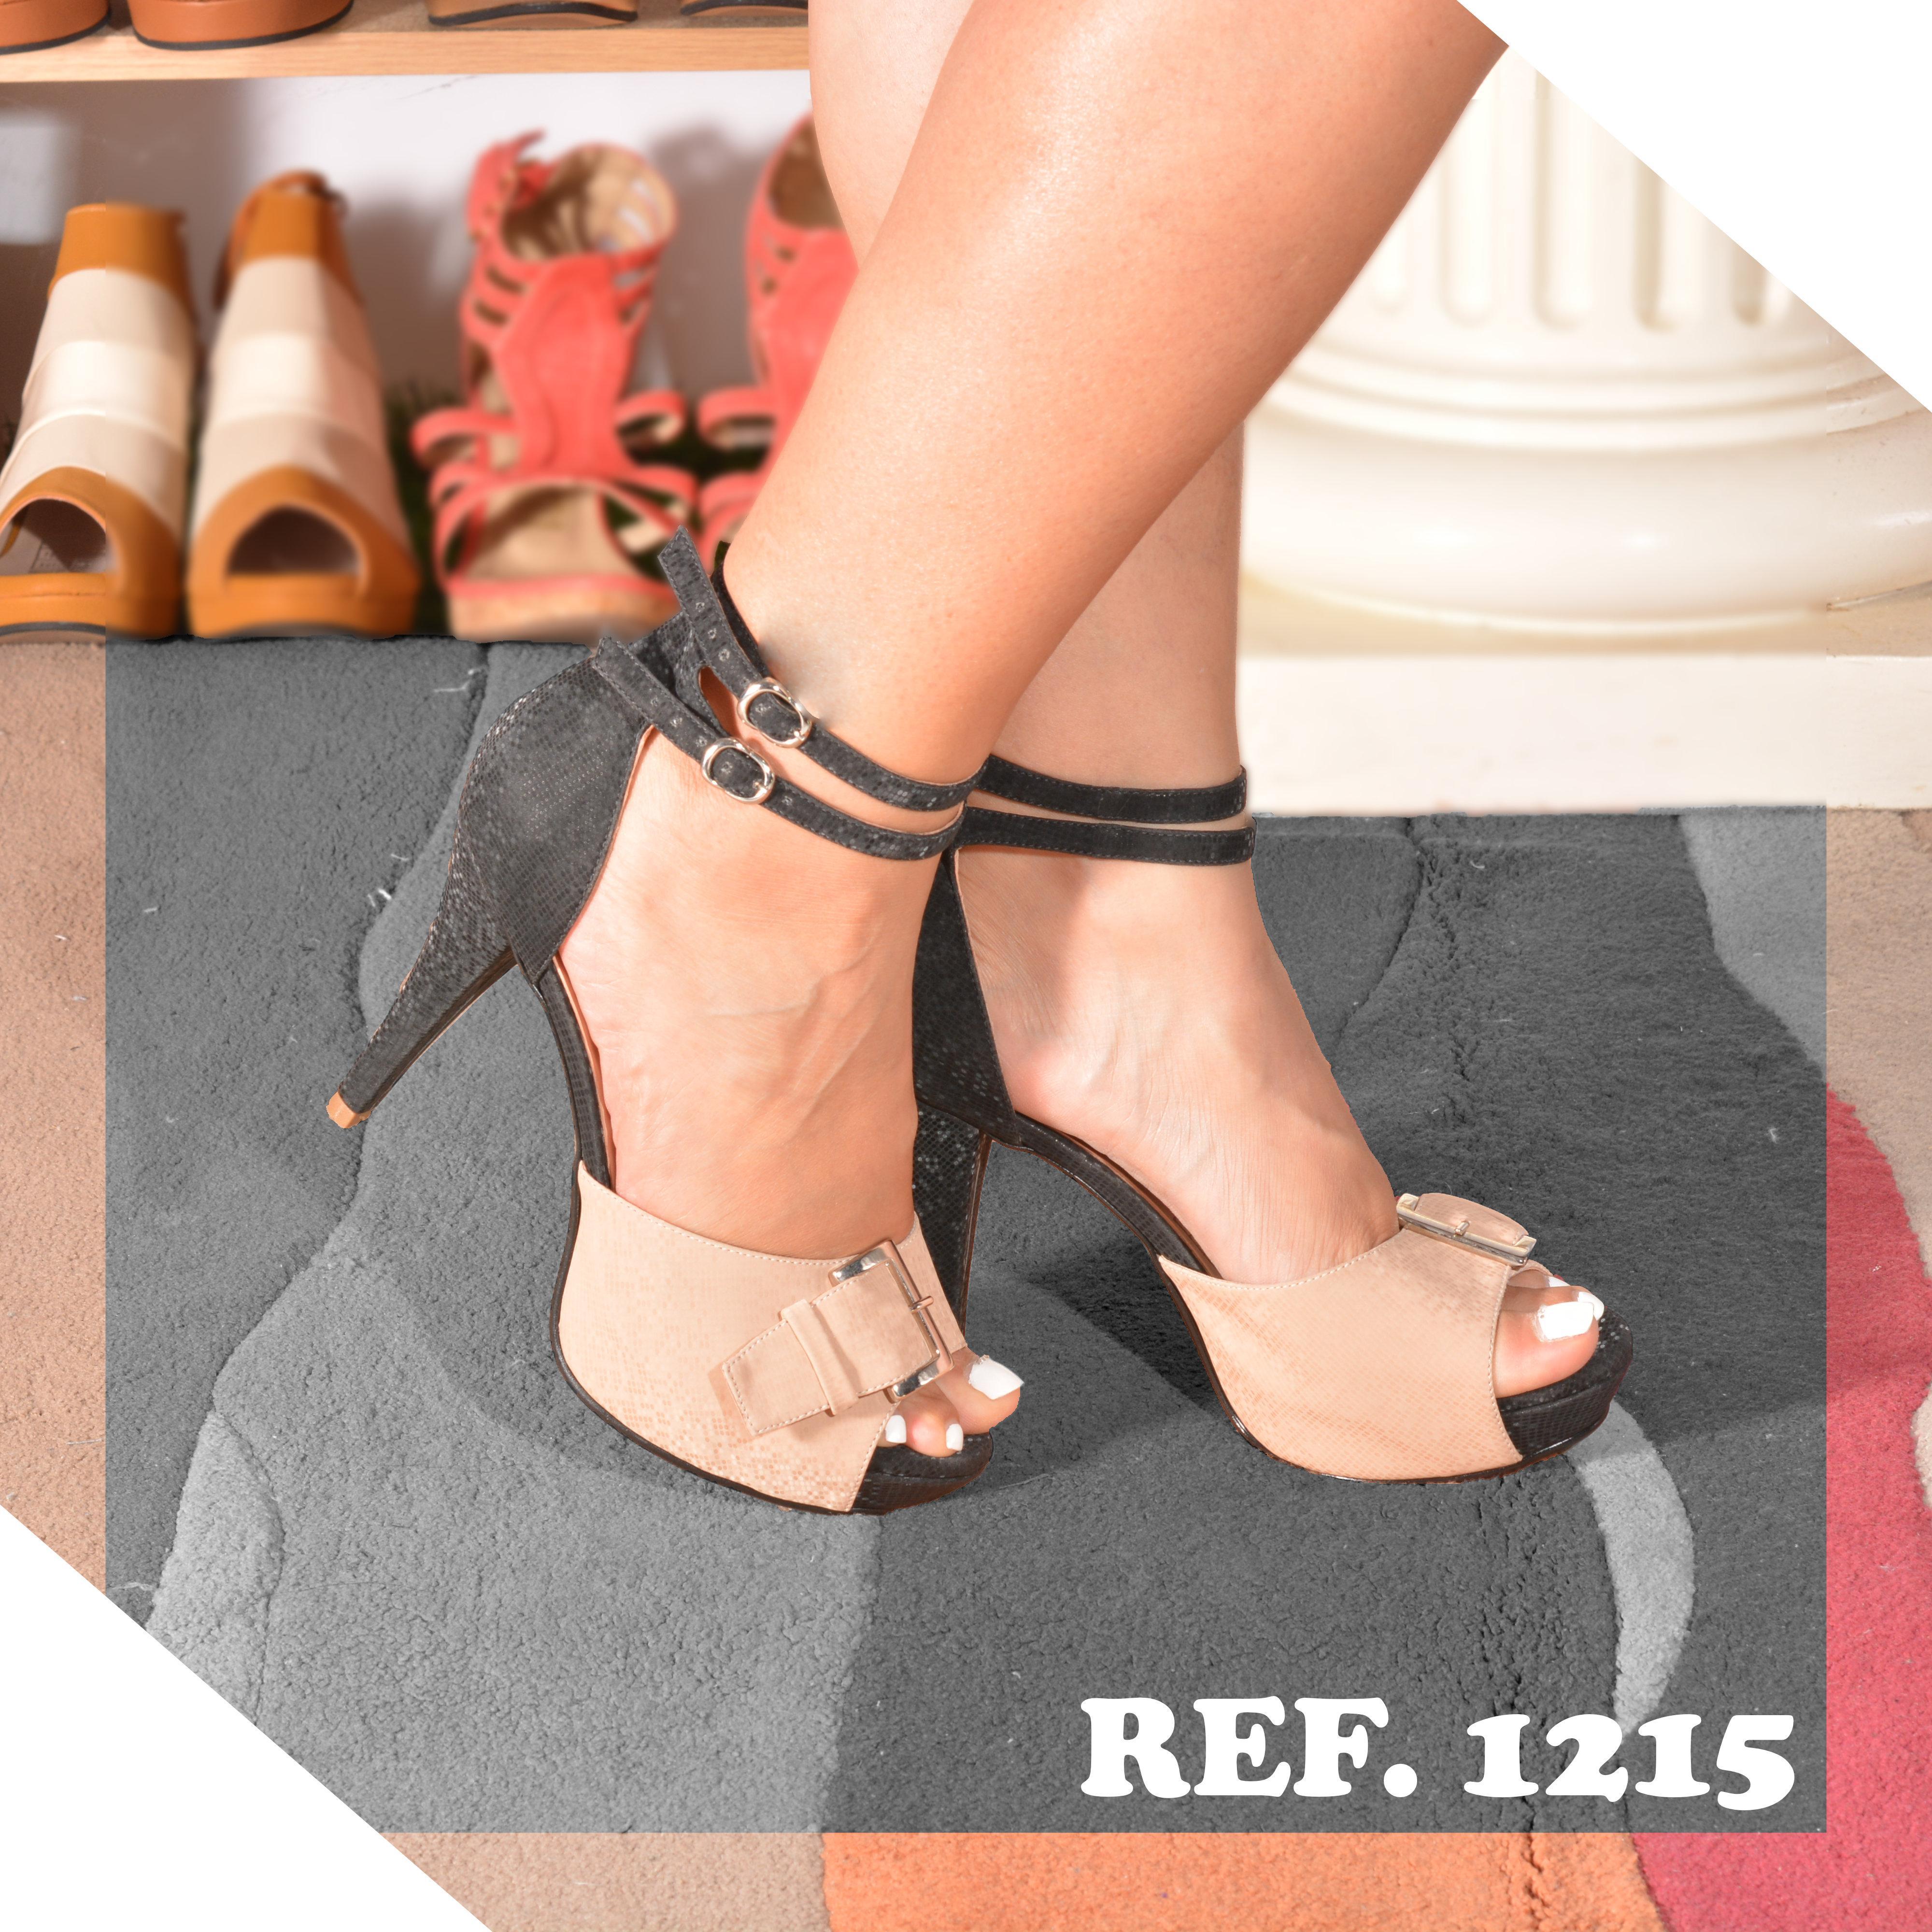 Sensacionales Zapatos Colombianos con empeine descubierto y tacón en contraste, Negro con Nude